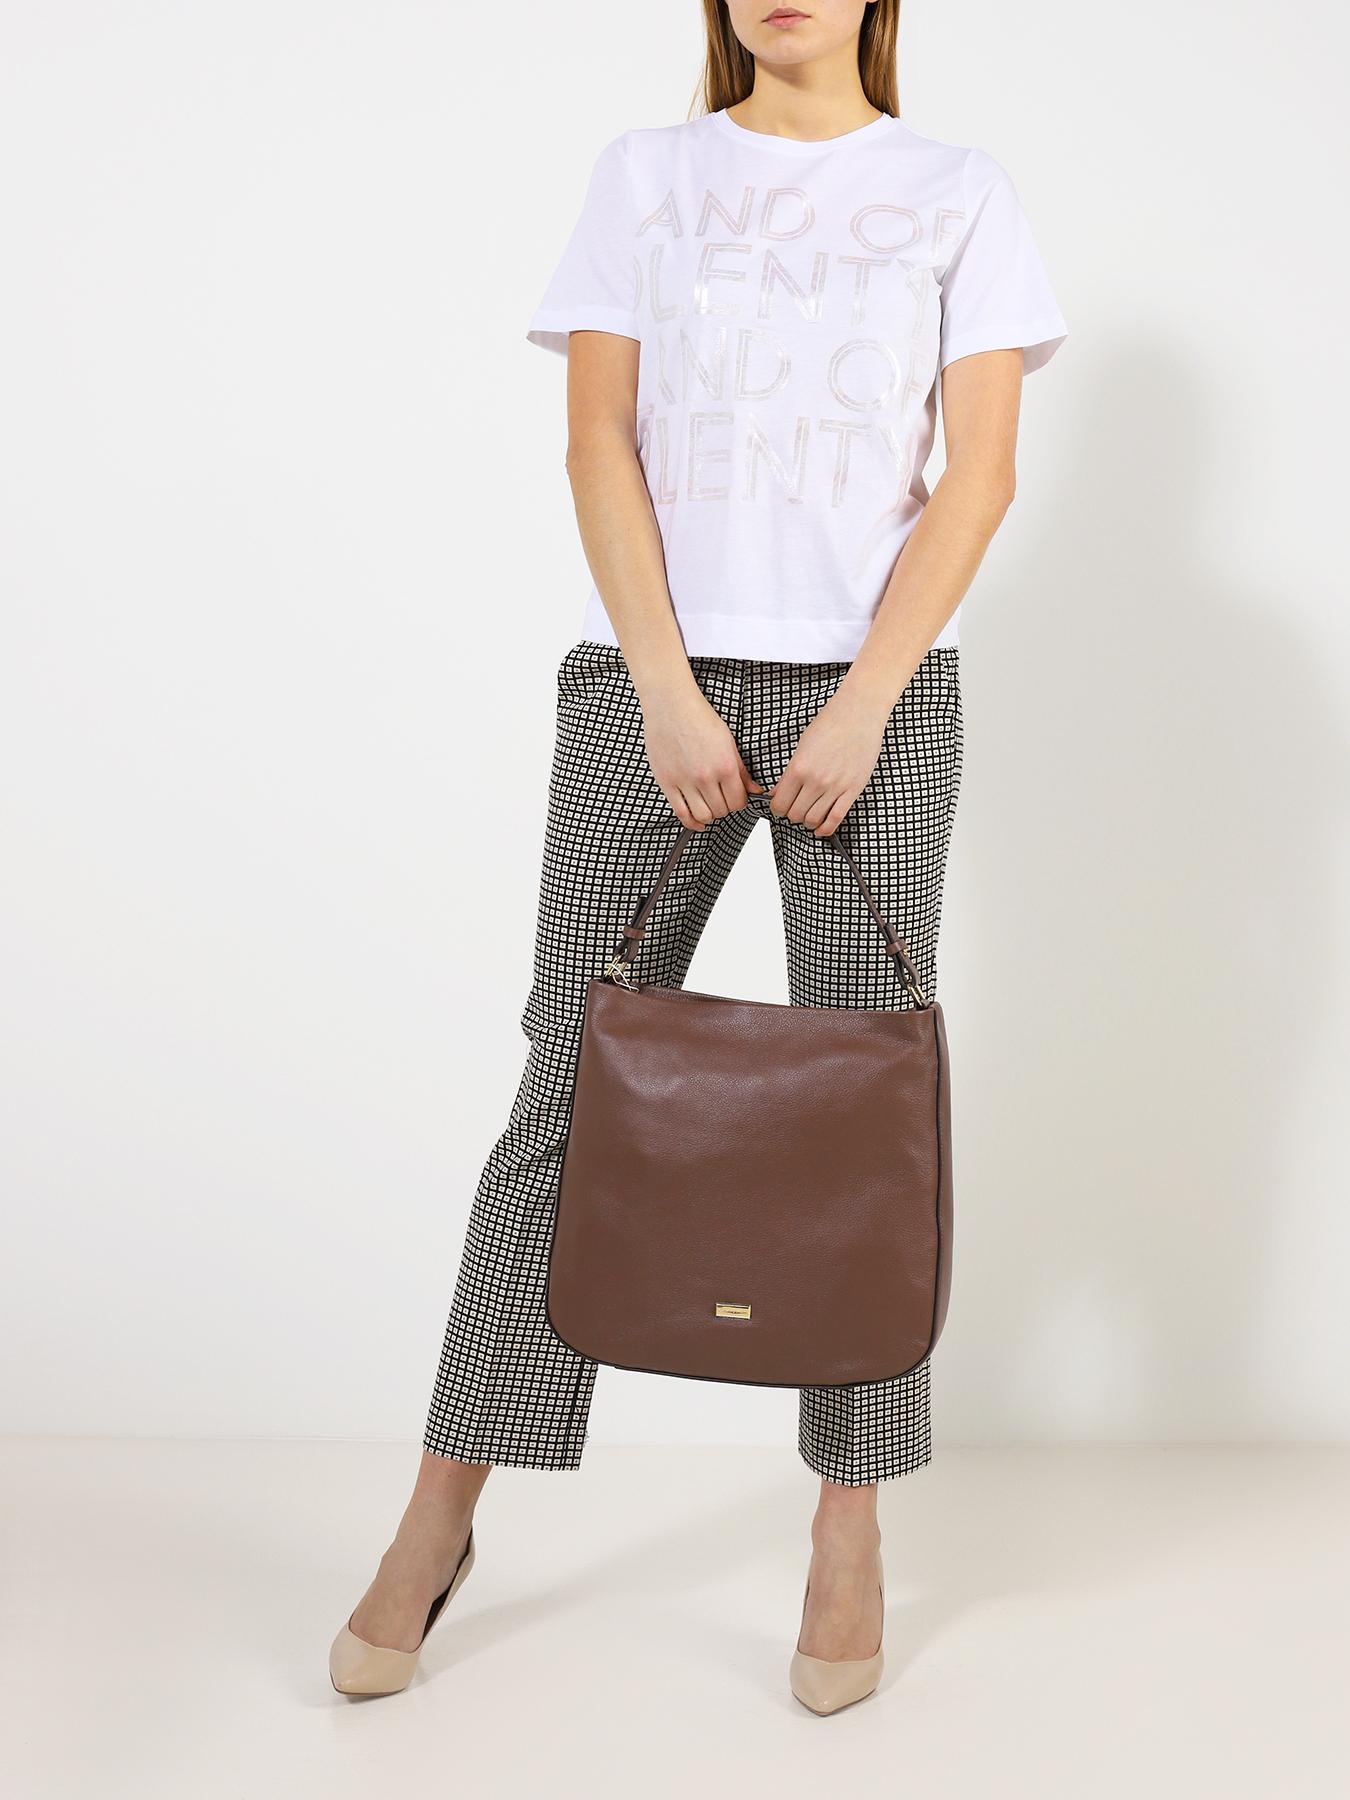 Сумка Alessandro Manzoni Женская сумка